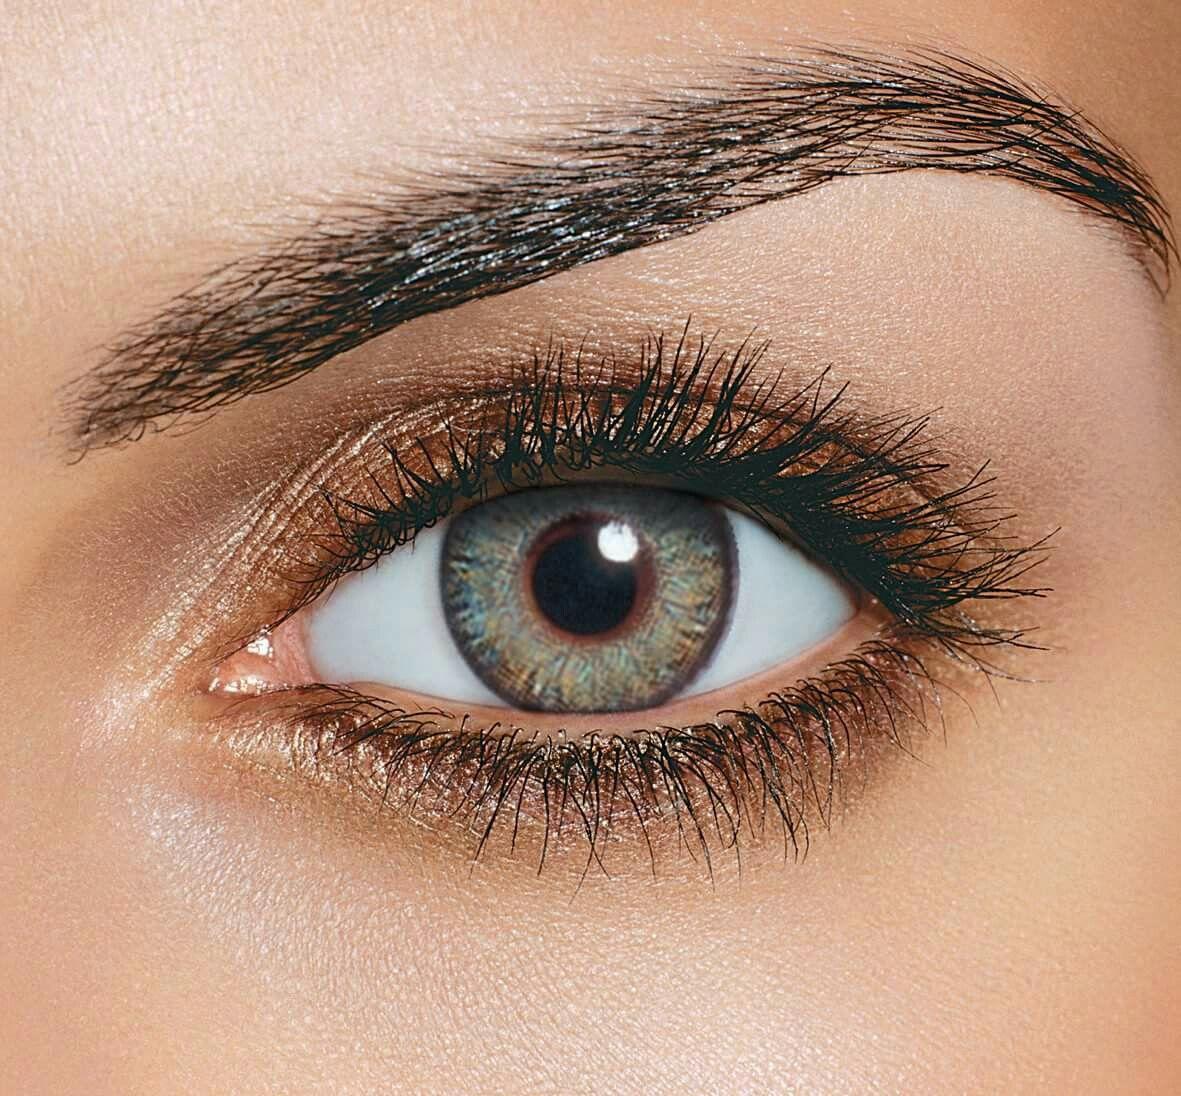 miopia este ceea ce viziune vedere exactă